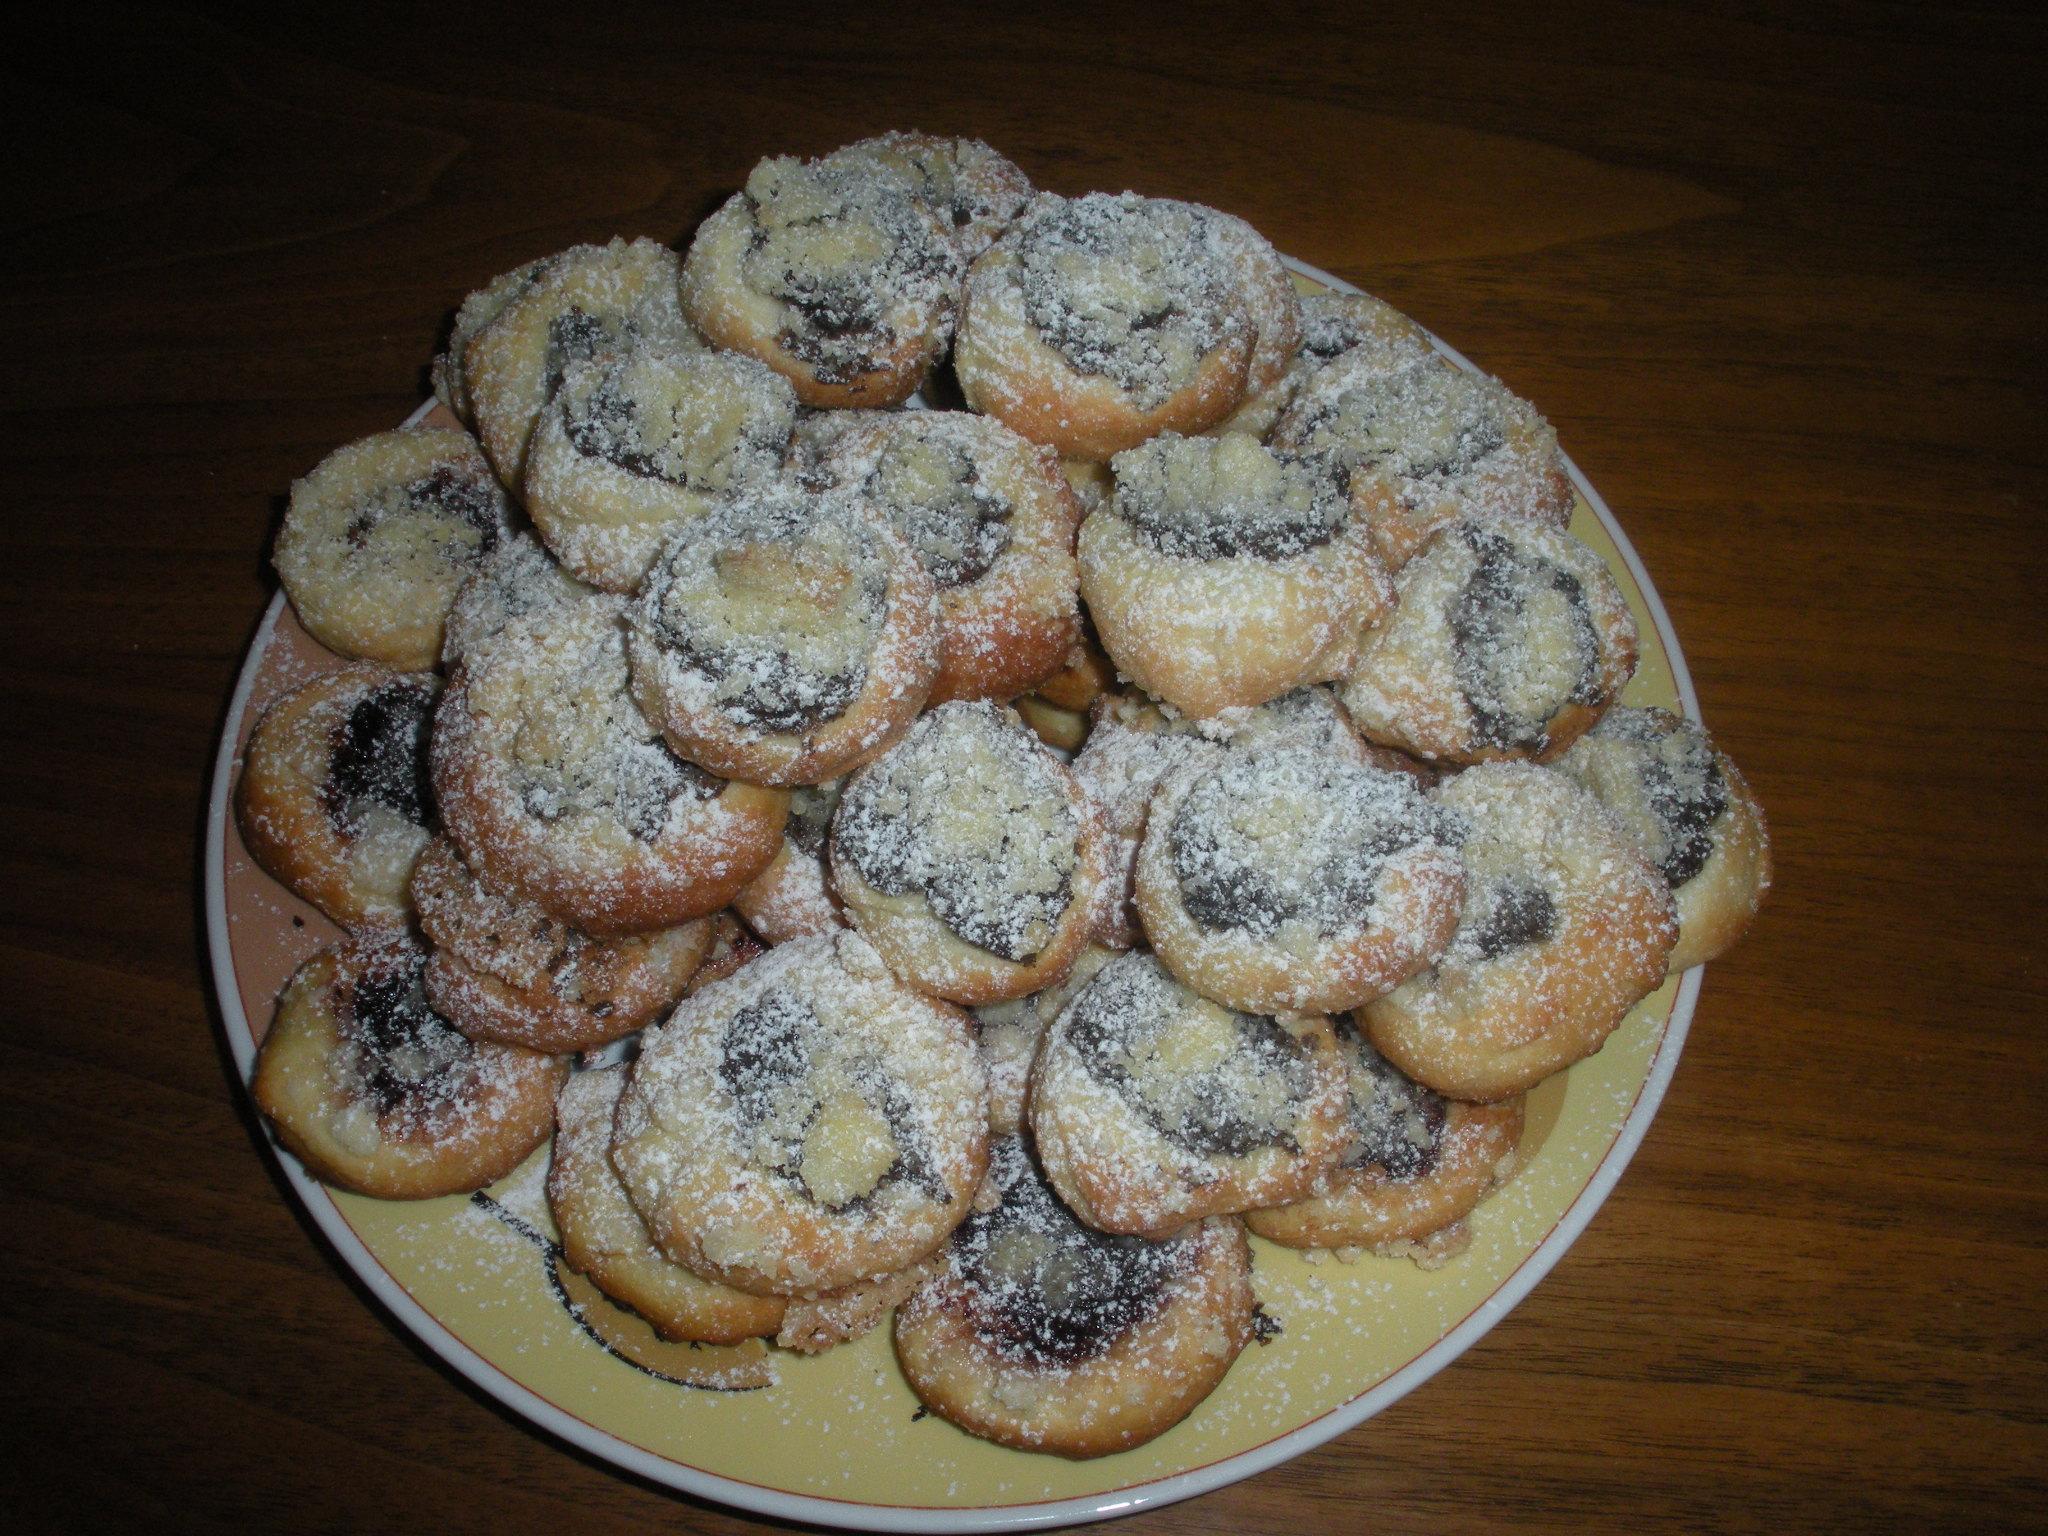 Recept Pouťové koláče - Jsou opravdu vynikající. Plnila jsem je makovou náplní a povidly.